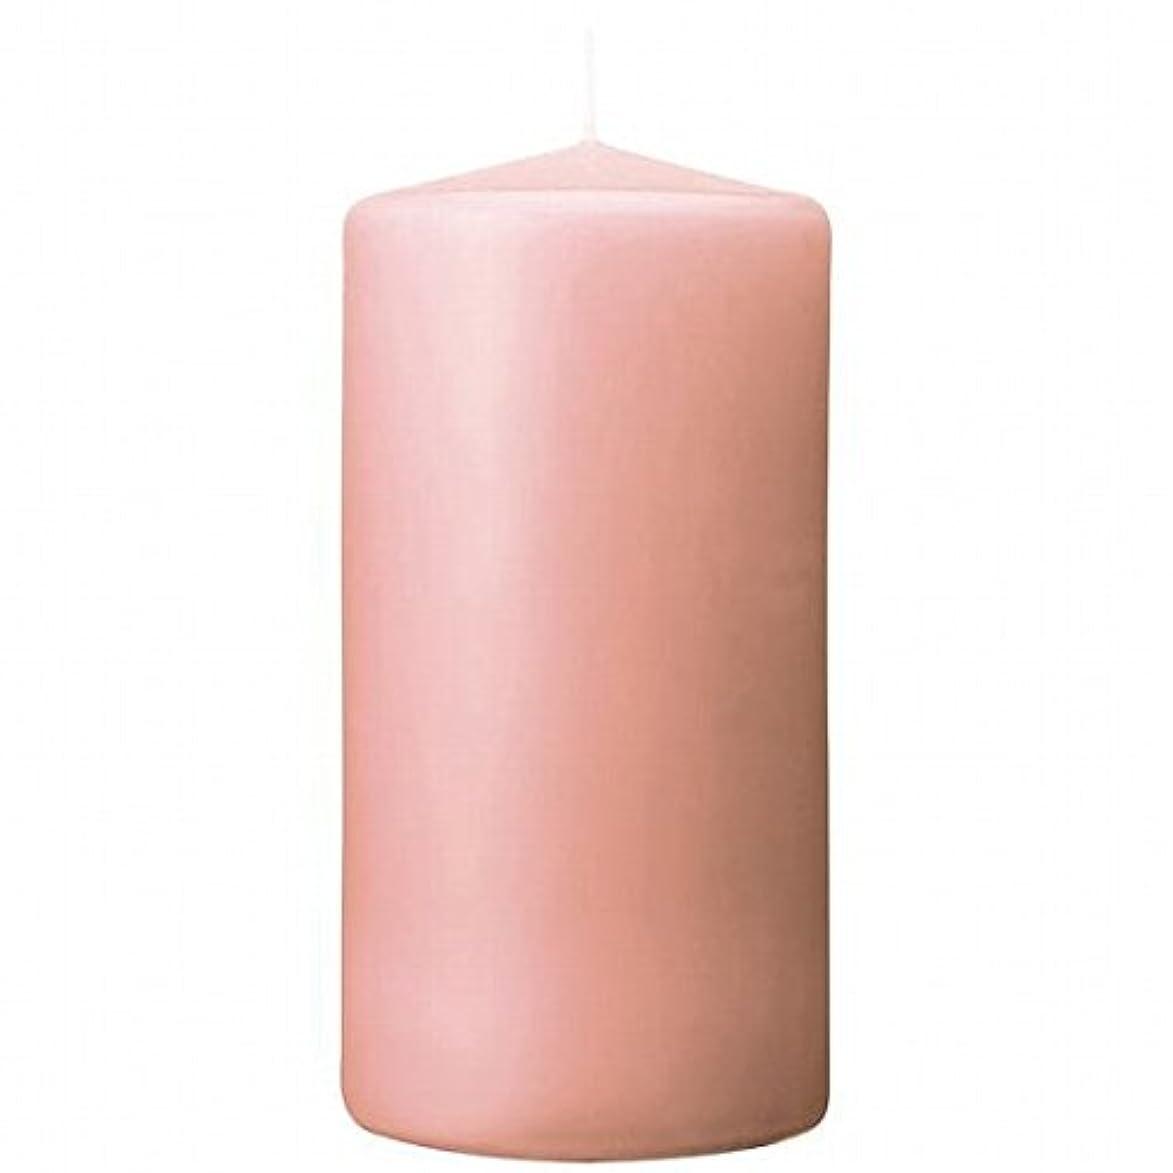 原稿教養があるポータブルkameyama candle(カメヤマキャンドル) 3×6ベルトップピラーキャンドル 「 ピーチアンバ 」(A9730010PA)